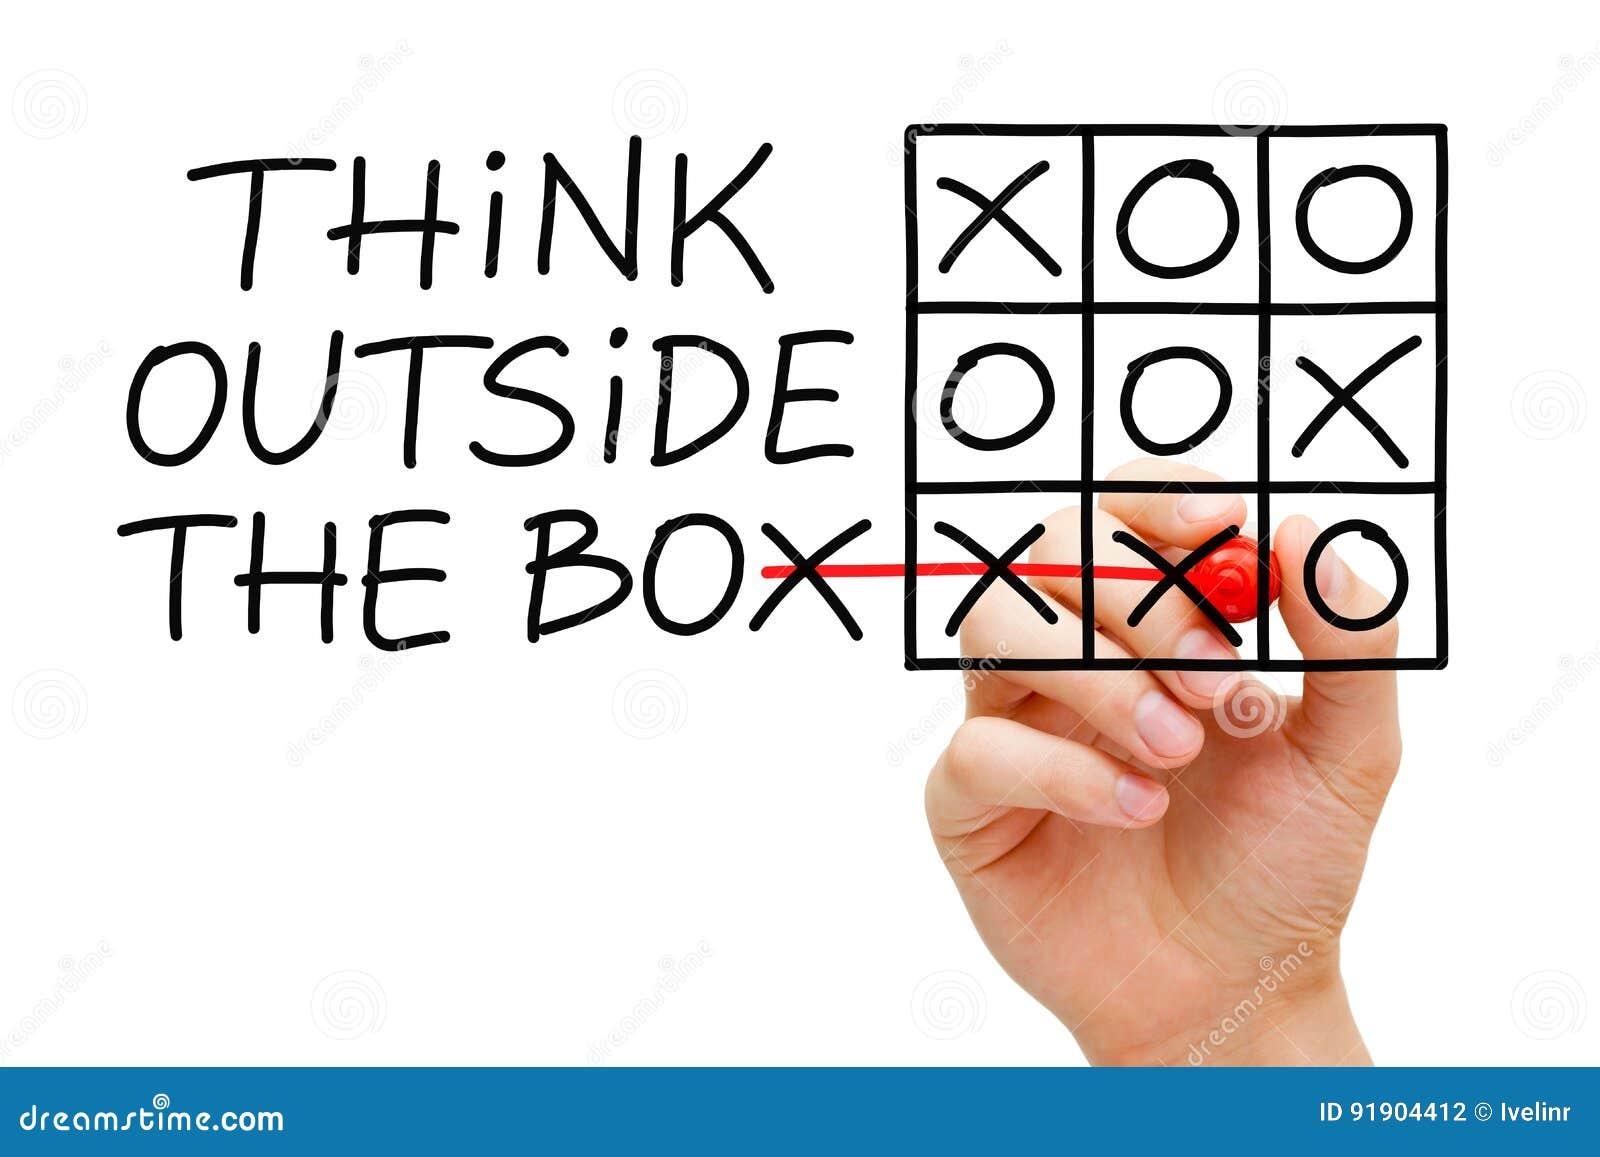 Piense fuera del tic Tac Toe Concept de la caja